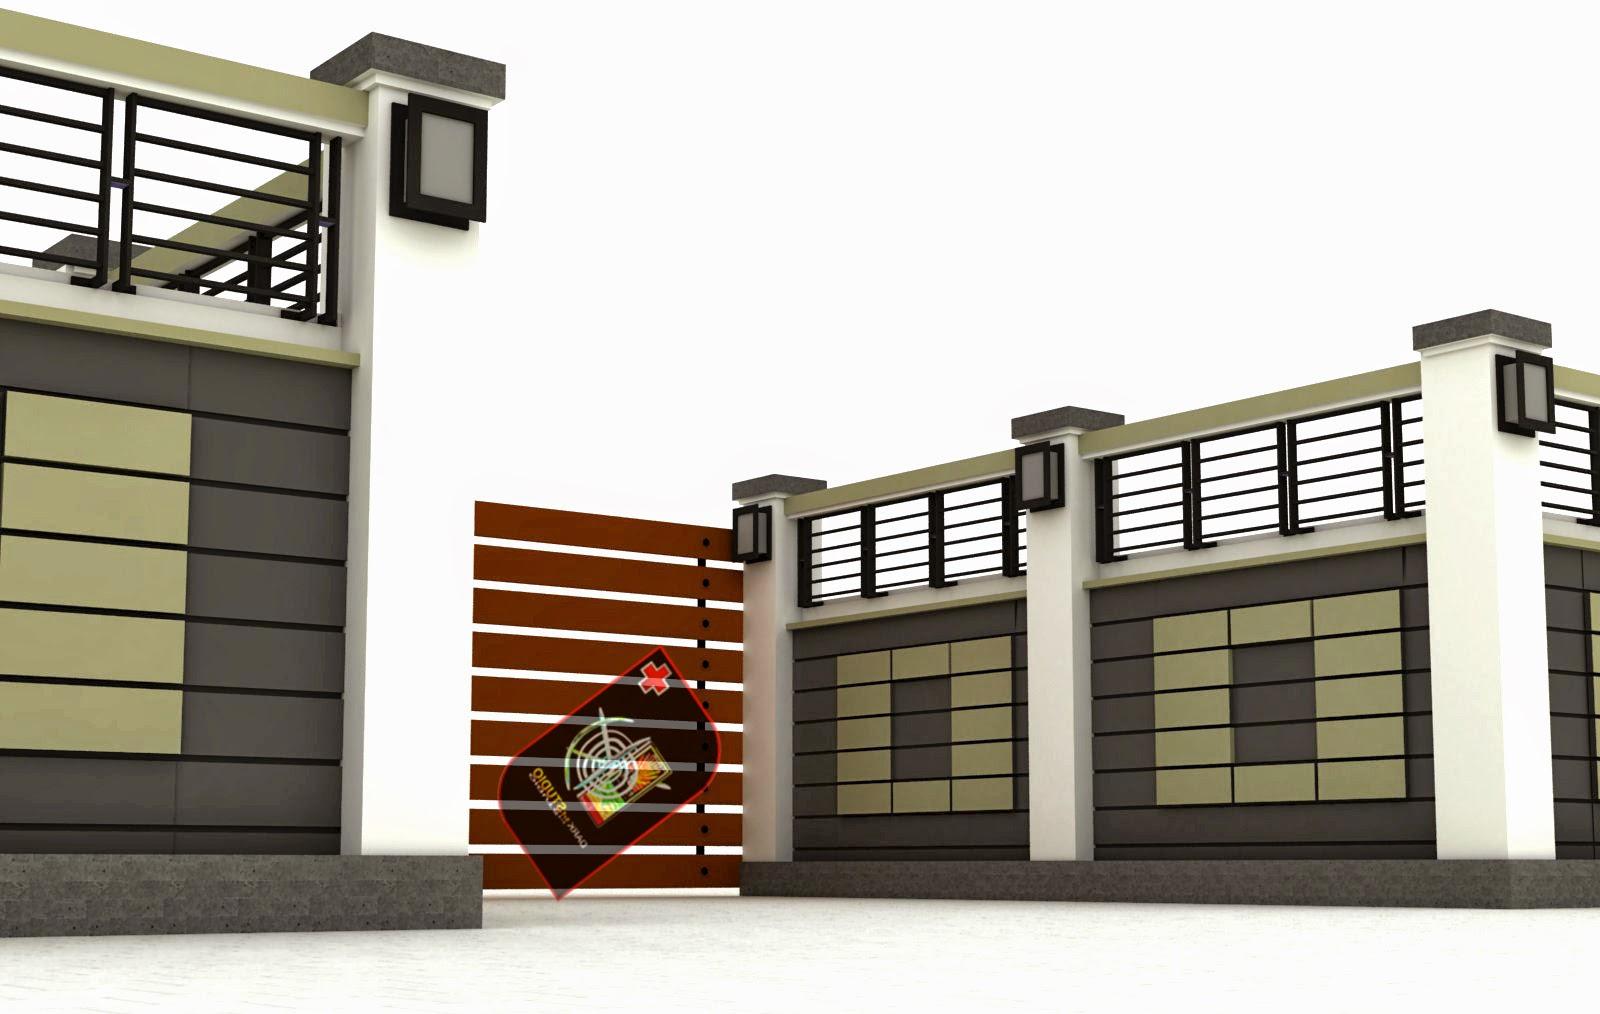 Pintu Pagar Rumah Minimalis Dari Tembok dan Besi - Design ...